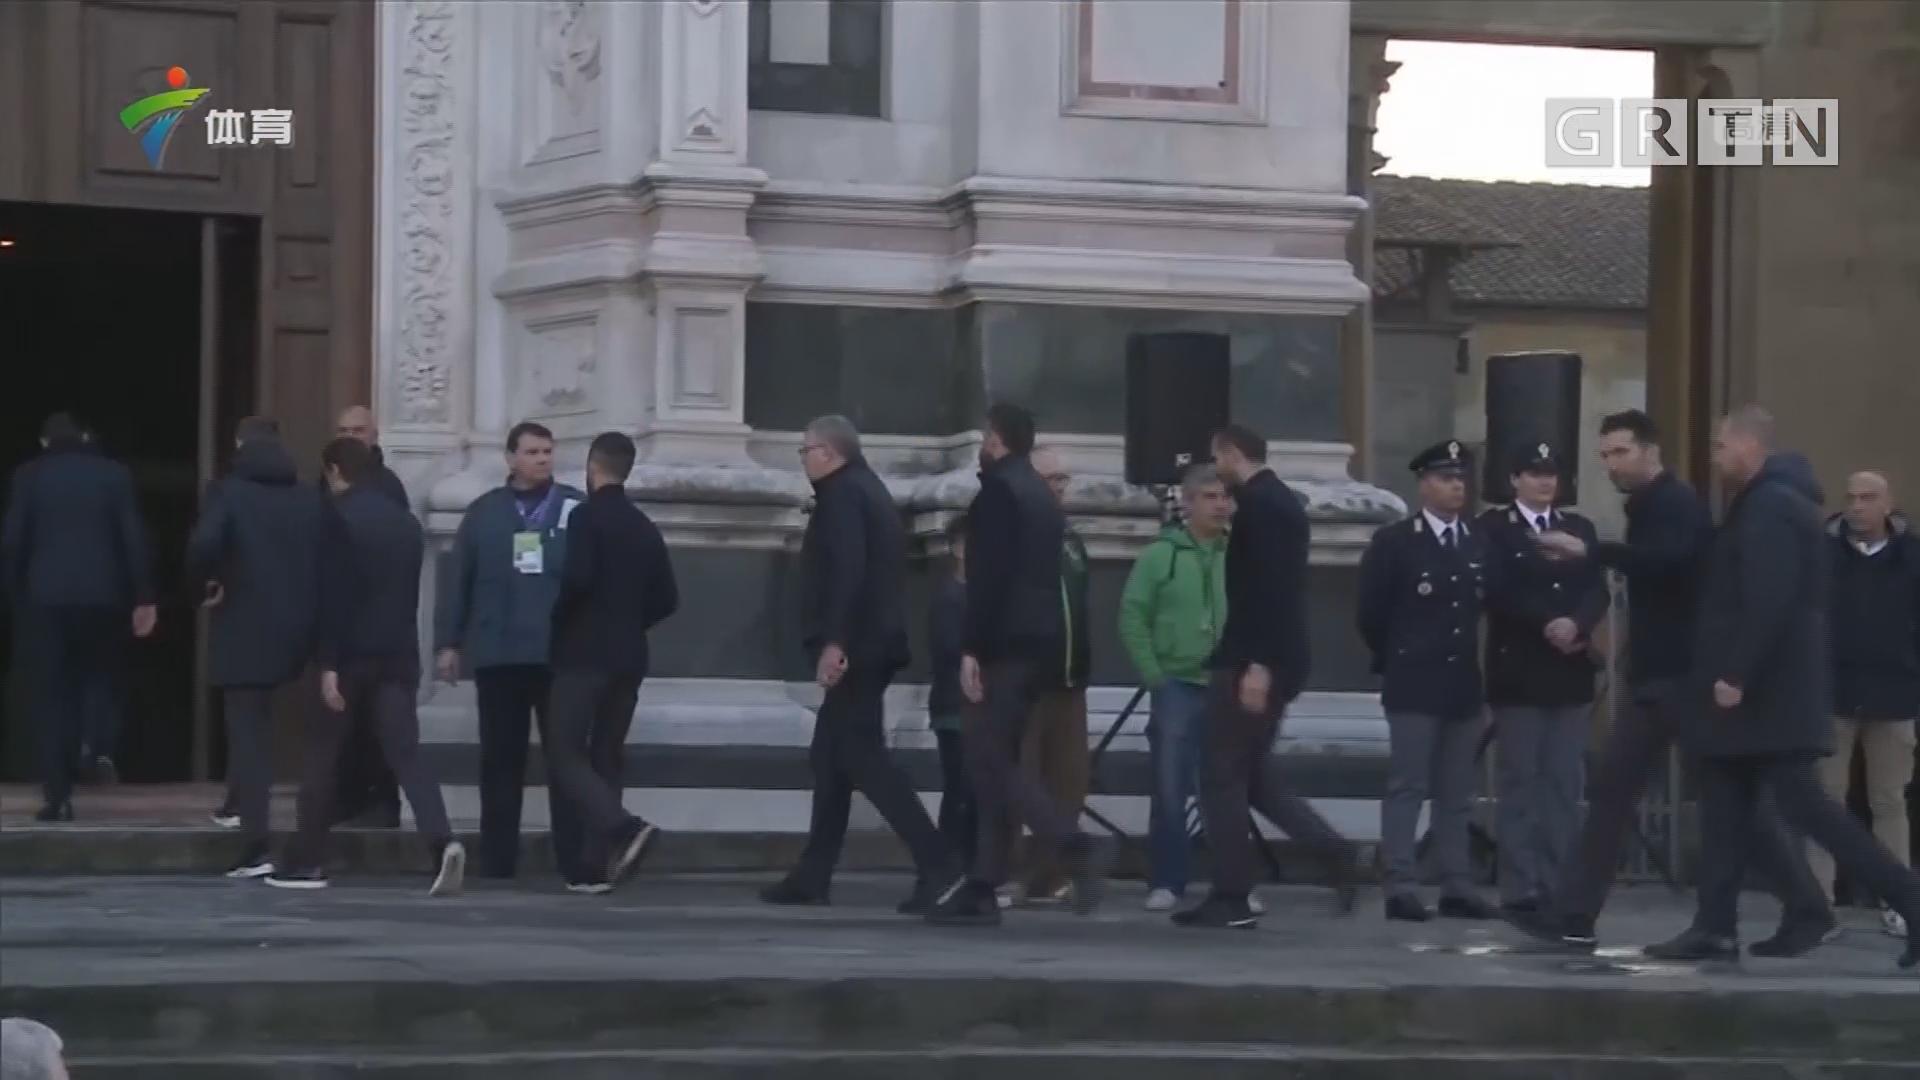 阿斯托里葬礼在佛罗伦萨举行 多位名宿到场送别